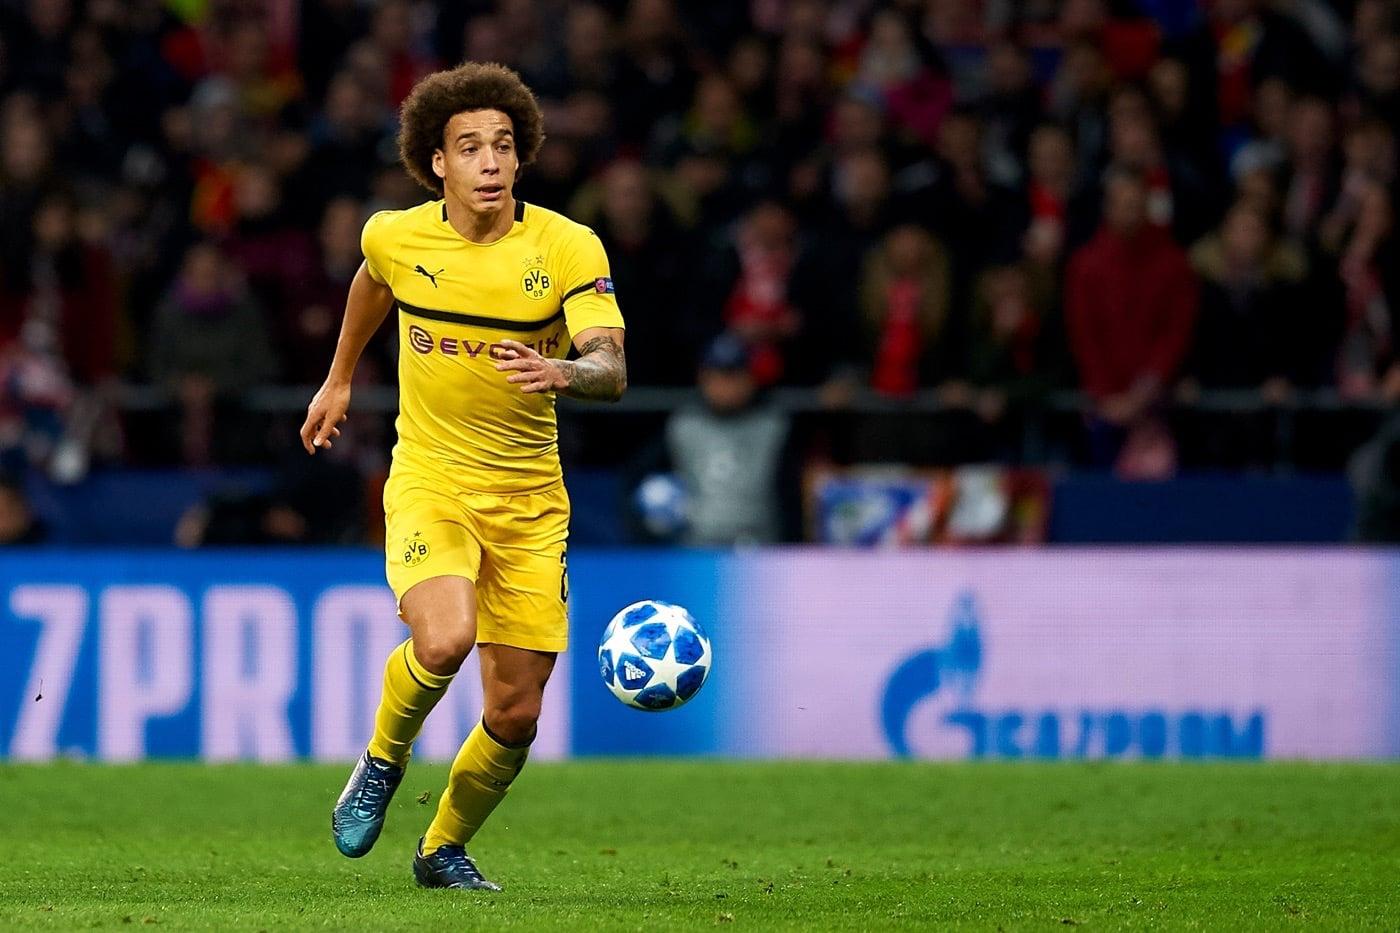 Axel Witsel von Borussia Dortmund ist einer der belgischen Stars der Nationalmannschaft (Foto shutterstock)